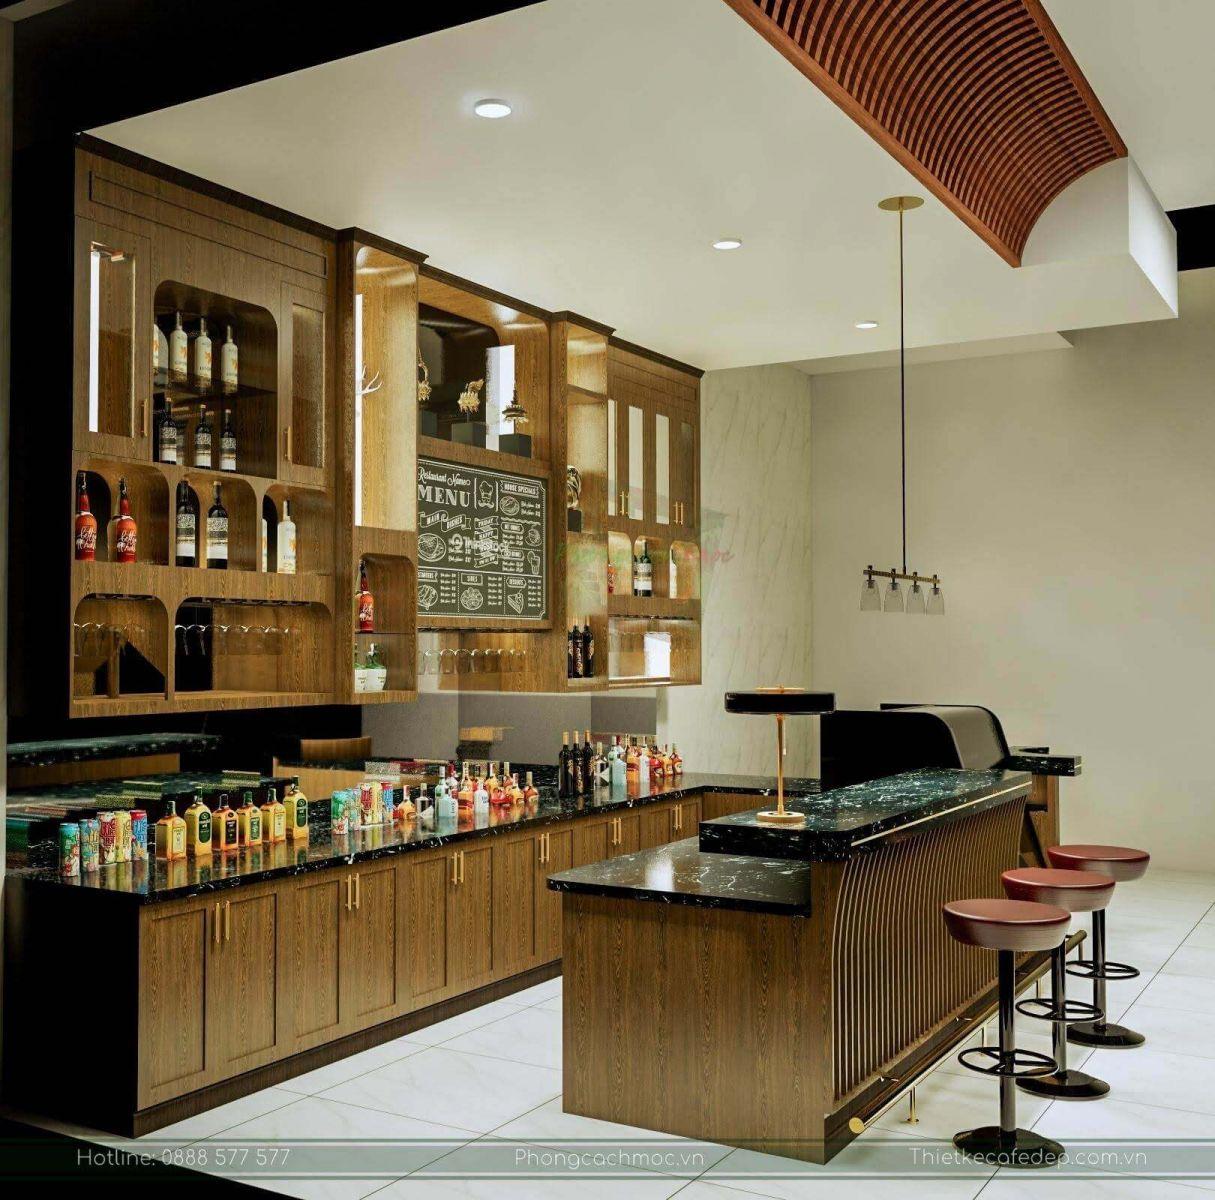 thiet-ke-quan-cafe-hien-dai-gesa-coffee-khu-vuc-quay-bar-4